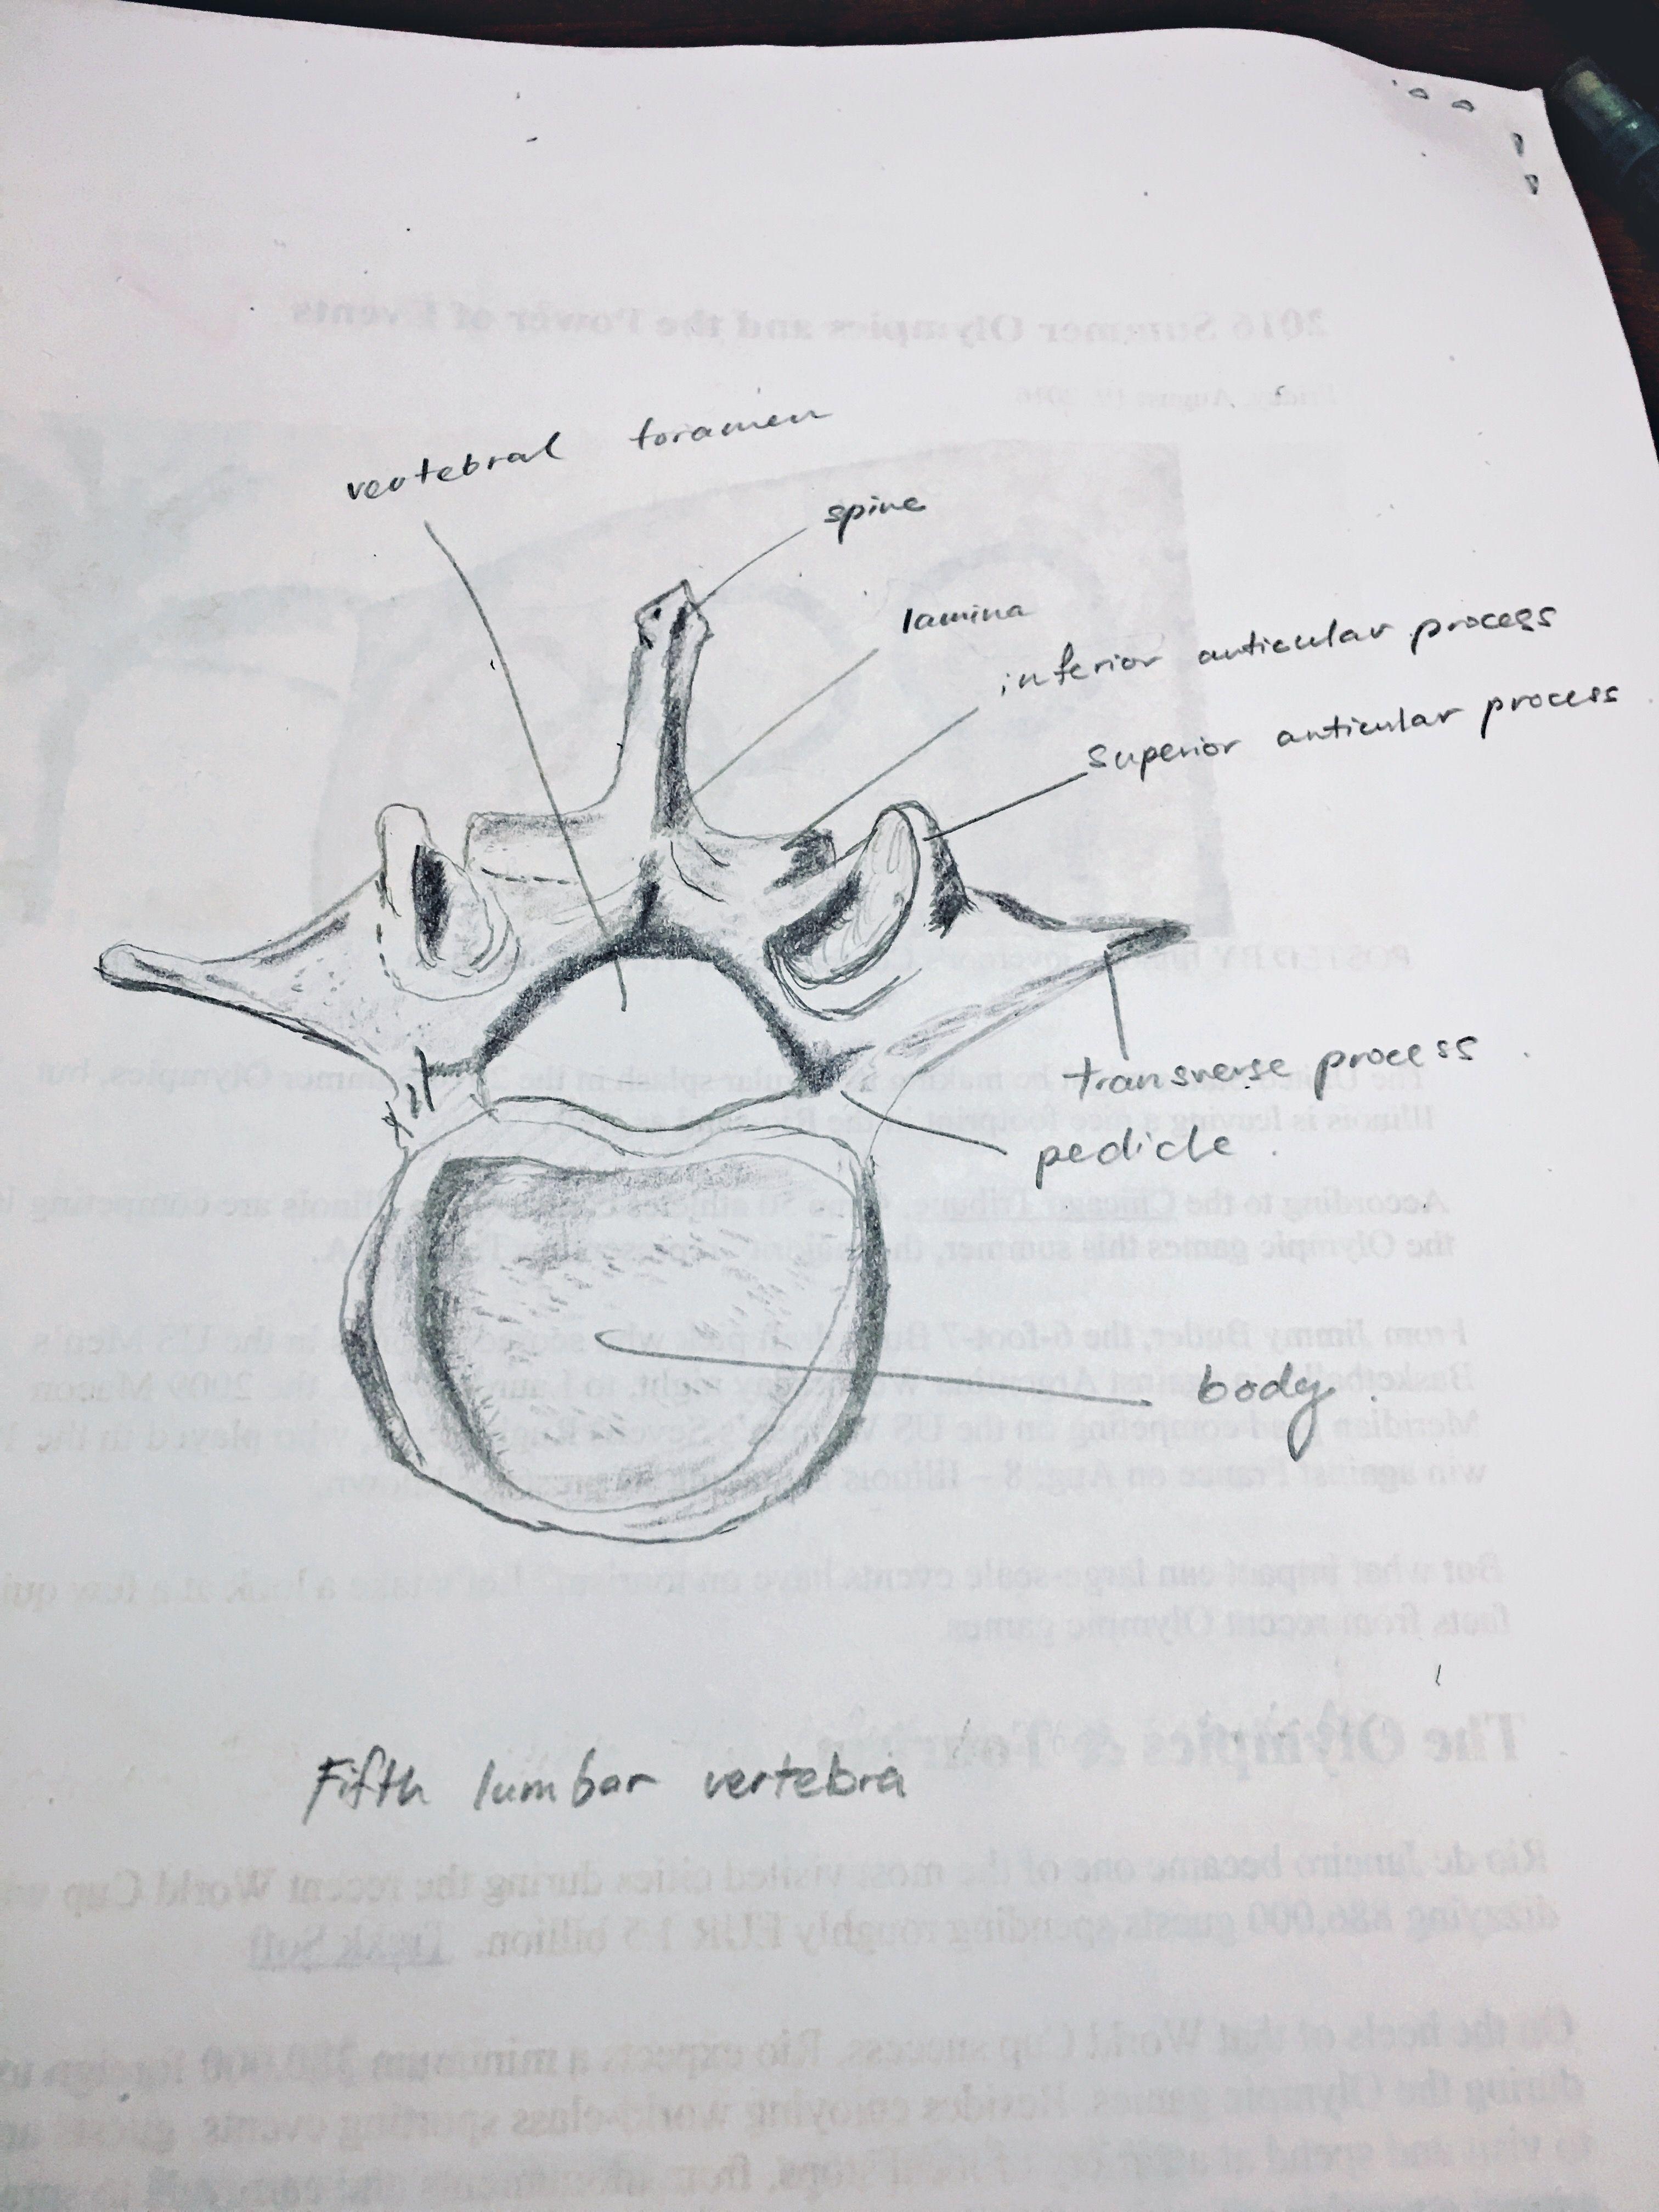 Fifth Lumbar Vertebra Drawings Pinterest